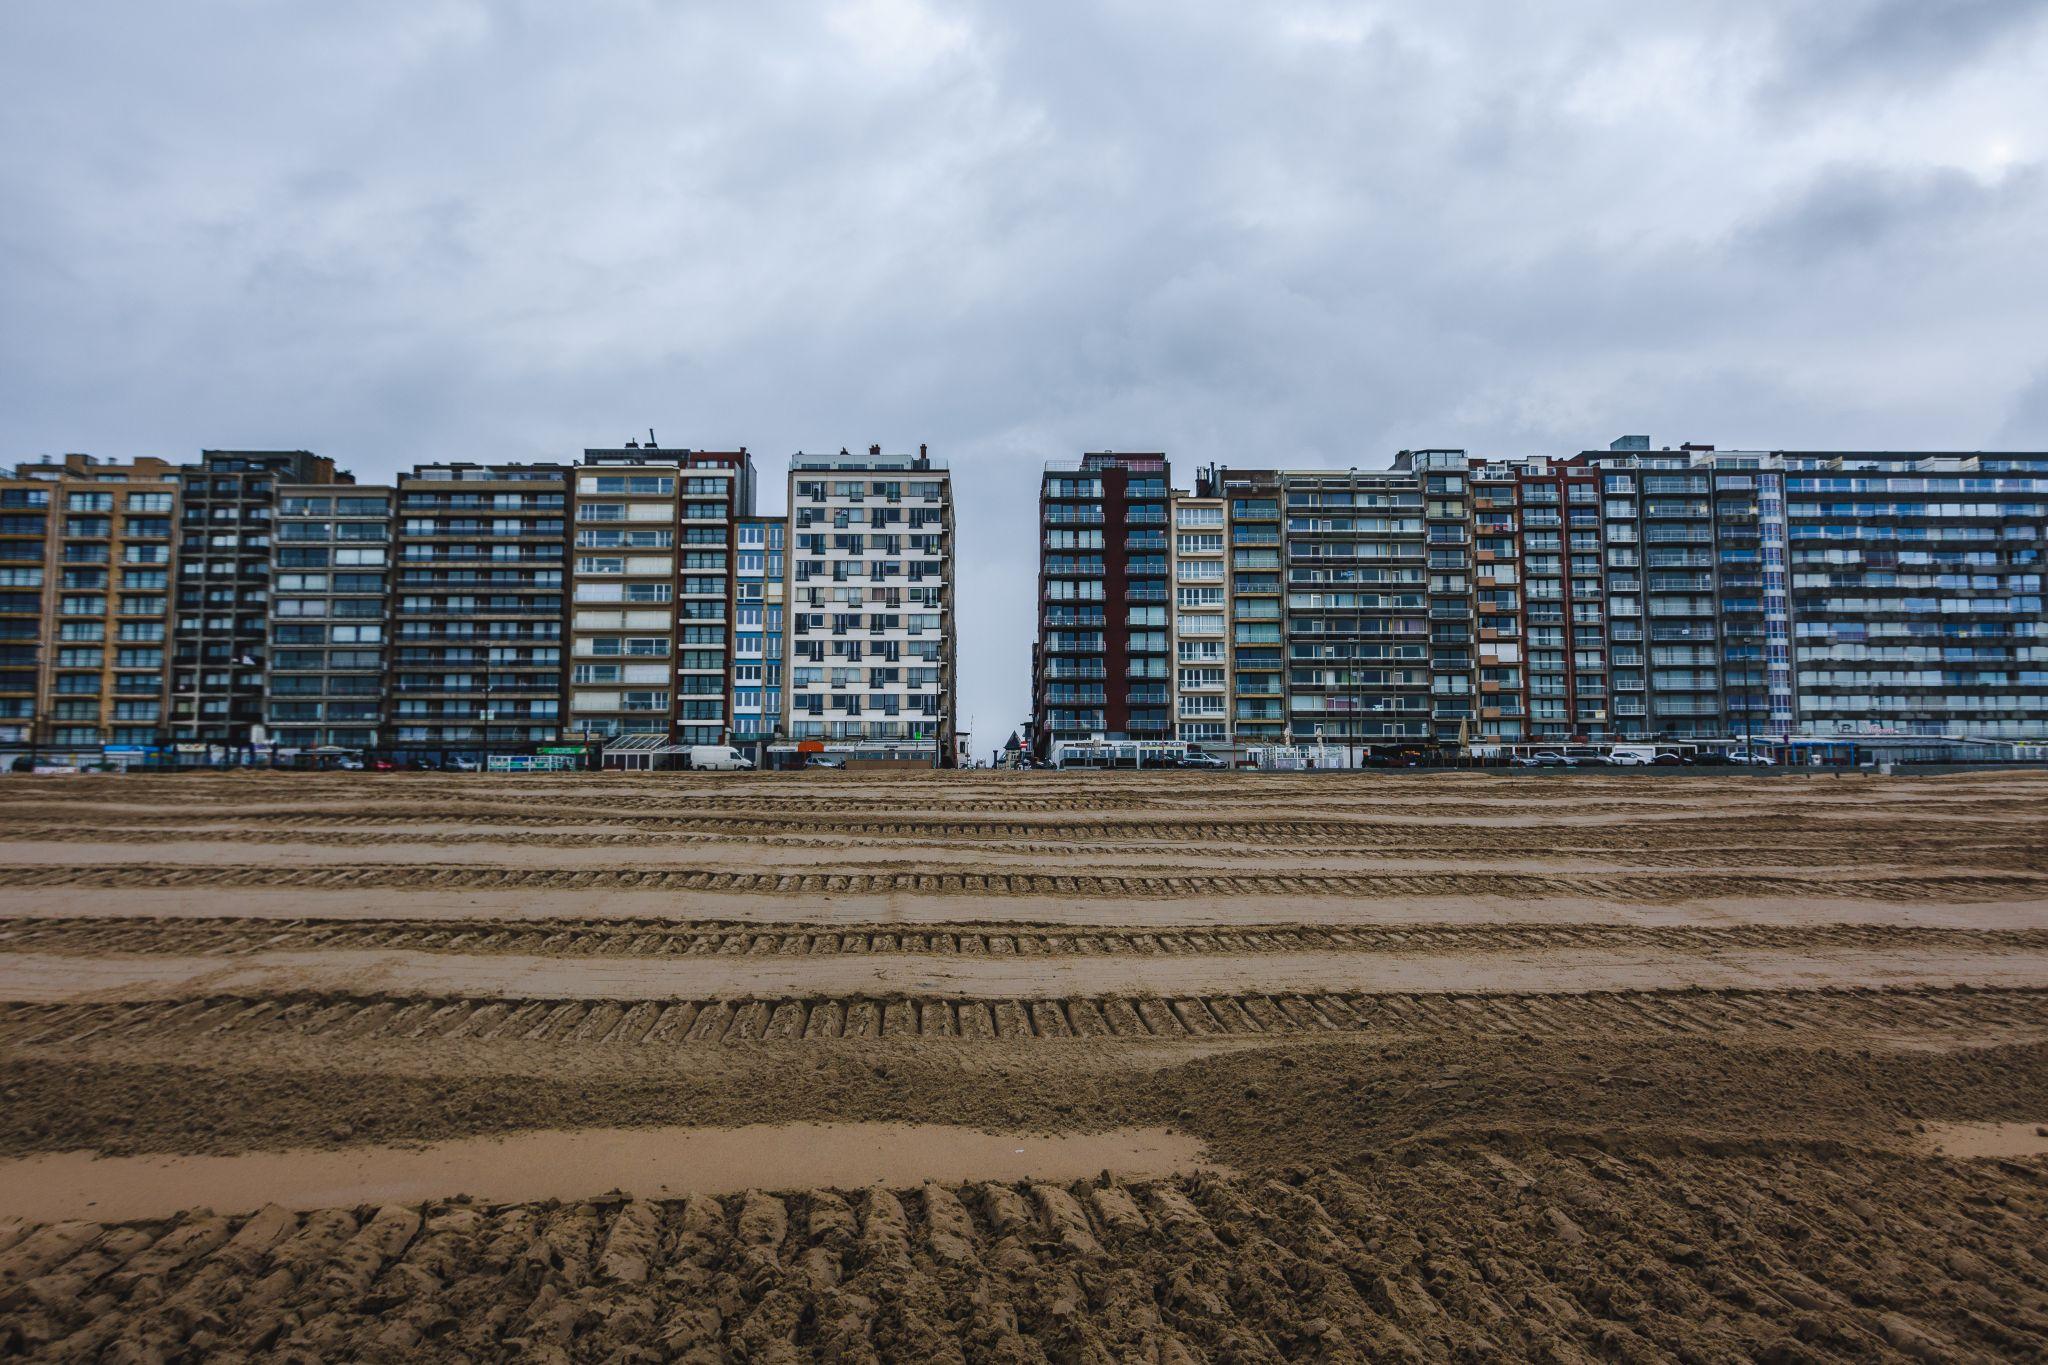 Blakenberg Beach, Belgium